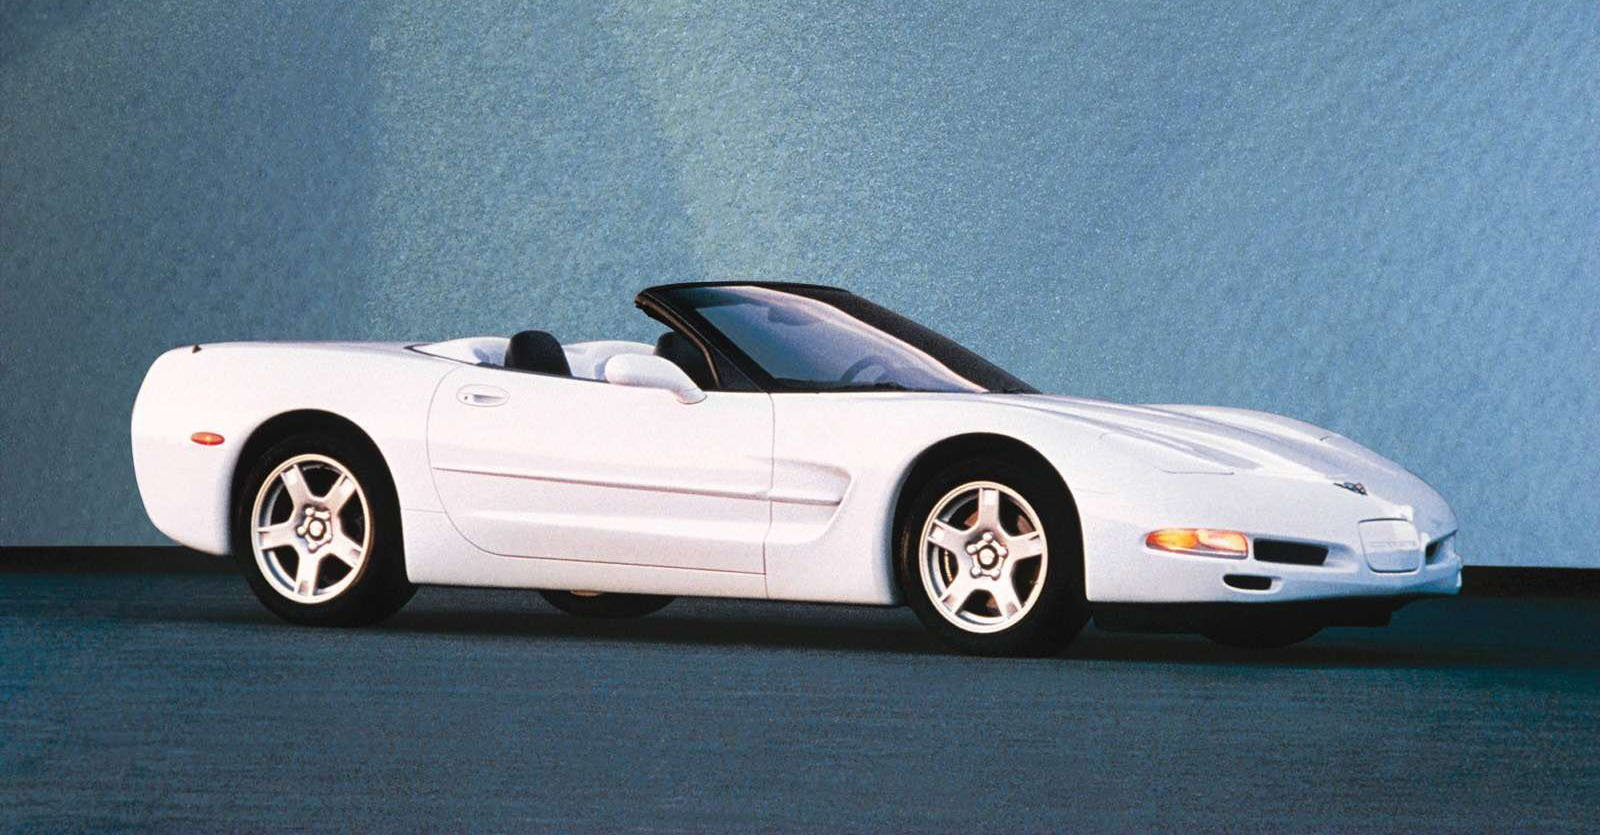 C5 Corvette Review Corvetteforum